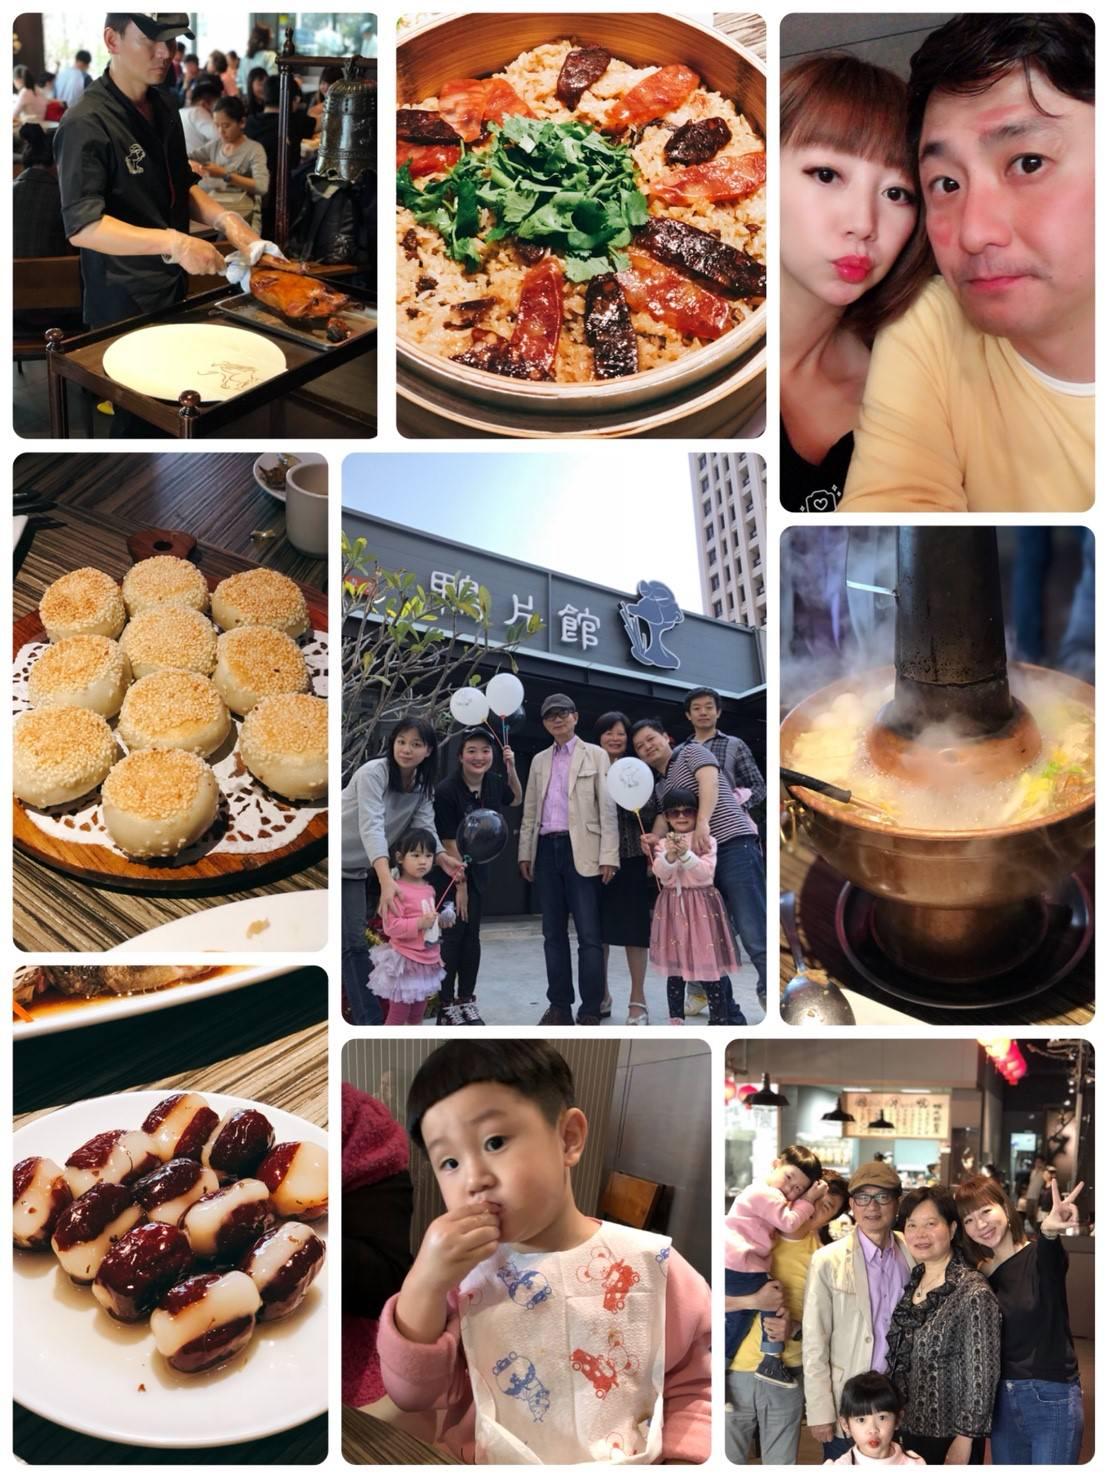 台中美食『 鴨片館 』烤鴨8吃太瘋狂 ❤️一個月前要訂位的人氣美食餐廳(≧∇≦)/